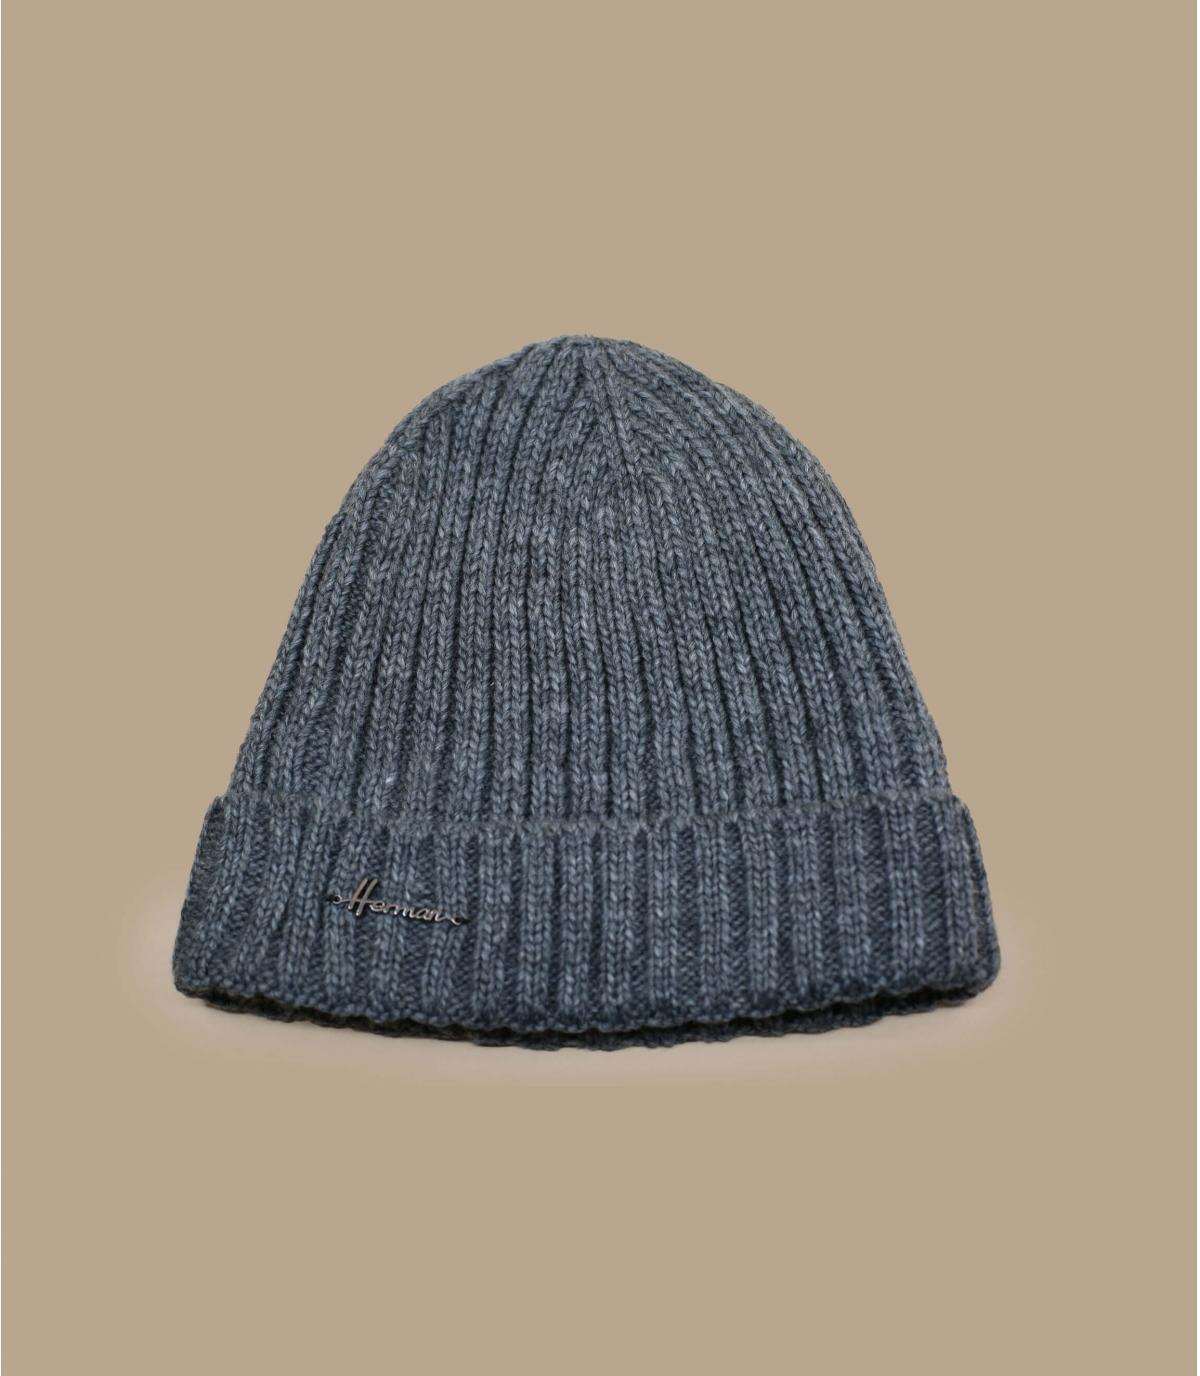 grey cuffed beanie wool